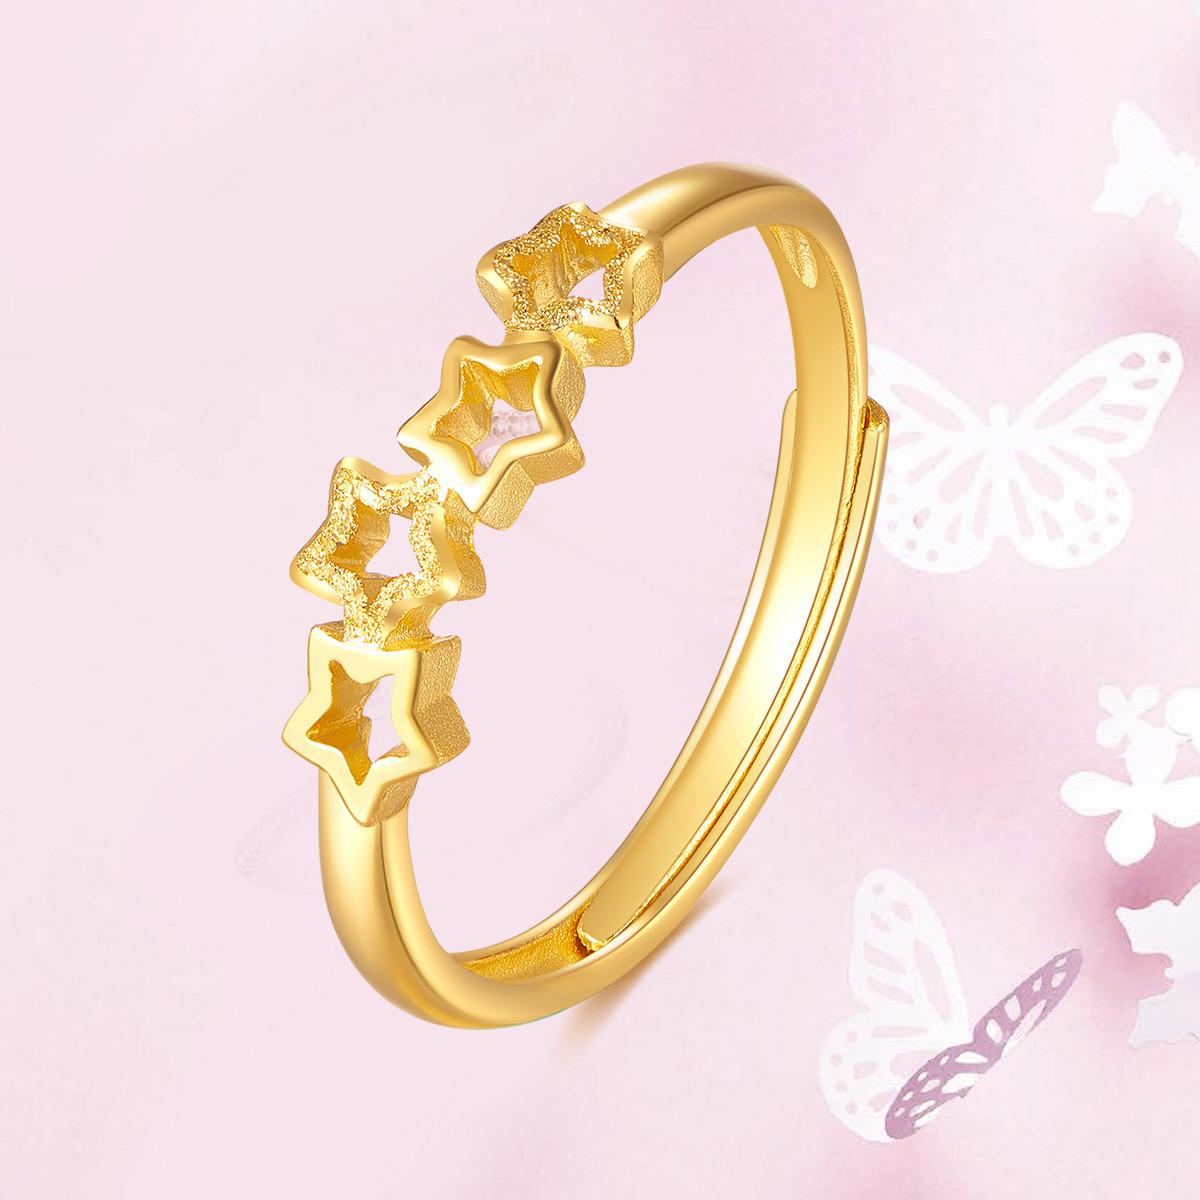 曼卡龙曼卡龙 繁星戒指 黄金女戒镂空星黄金小清新足金戒指FXJZ